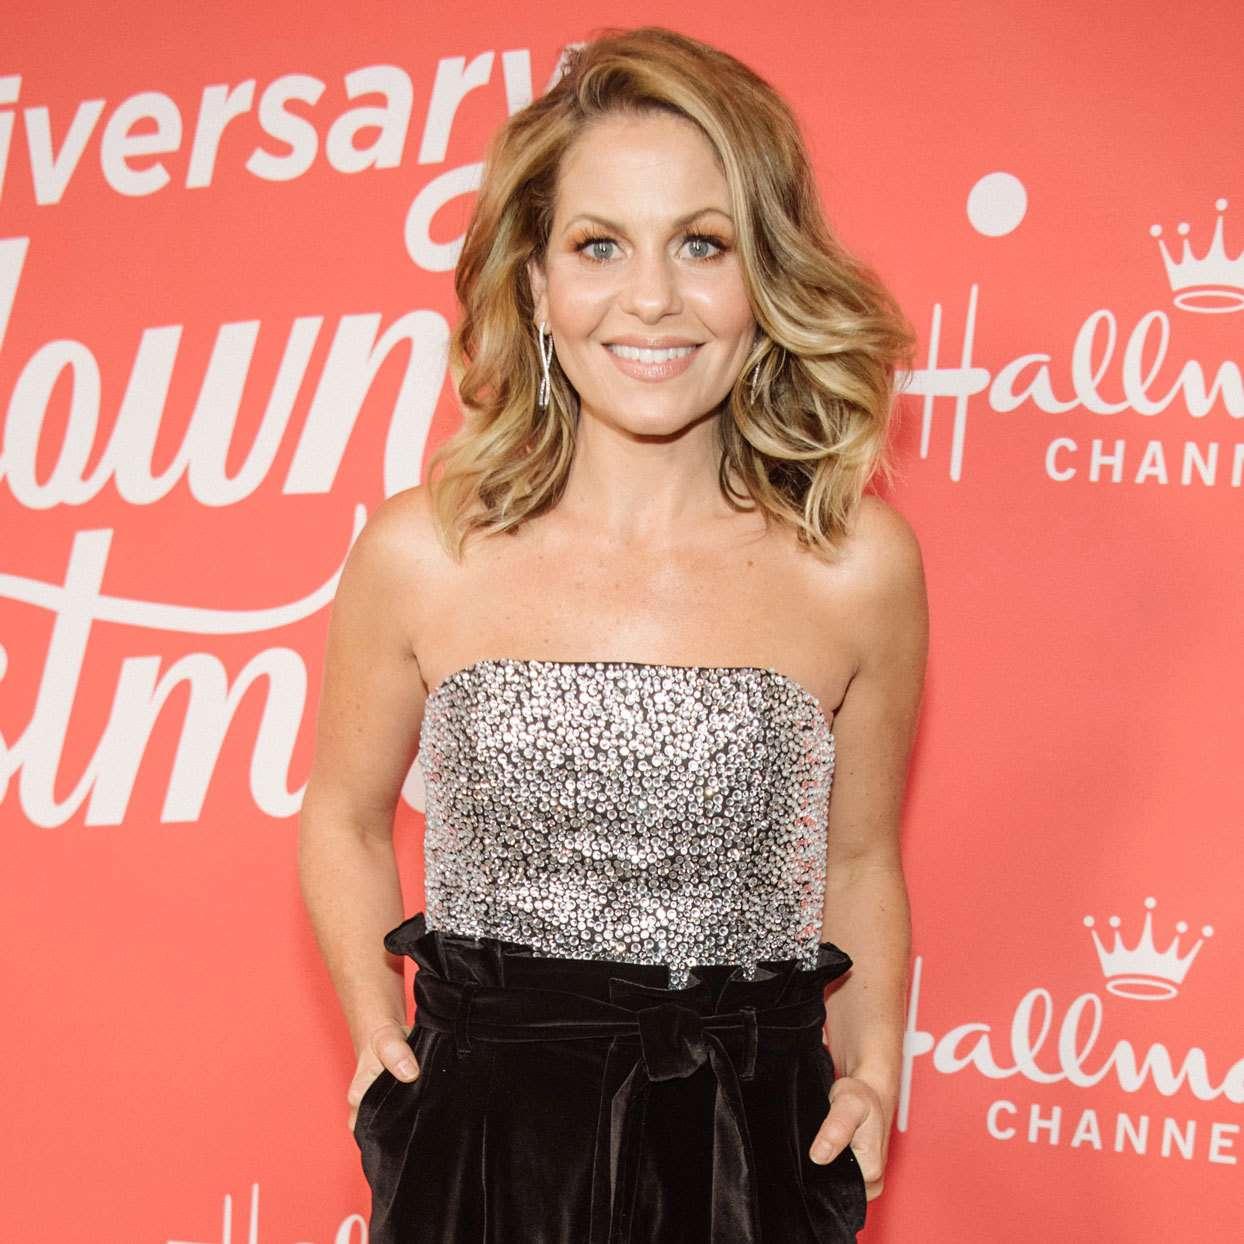 Whitney Way Thore Solicită Troleri întrebându-i De Ce Nu Pierde în Greutate   Celebritati